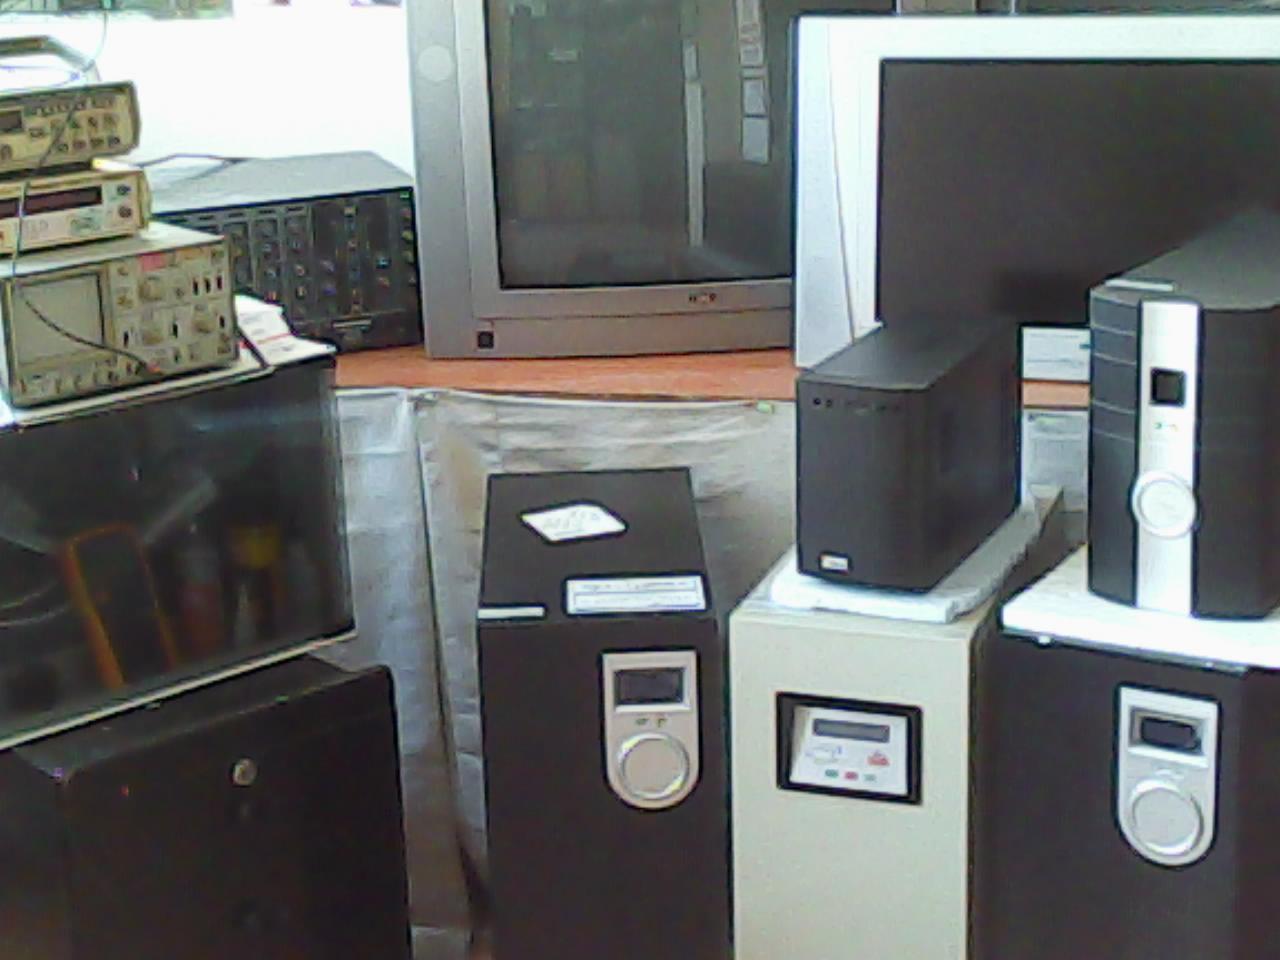 Kesintisiz Güç Kaynağı (UPS) Ürünleri Upset'te